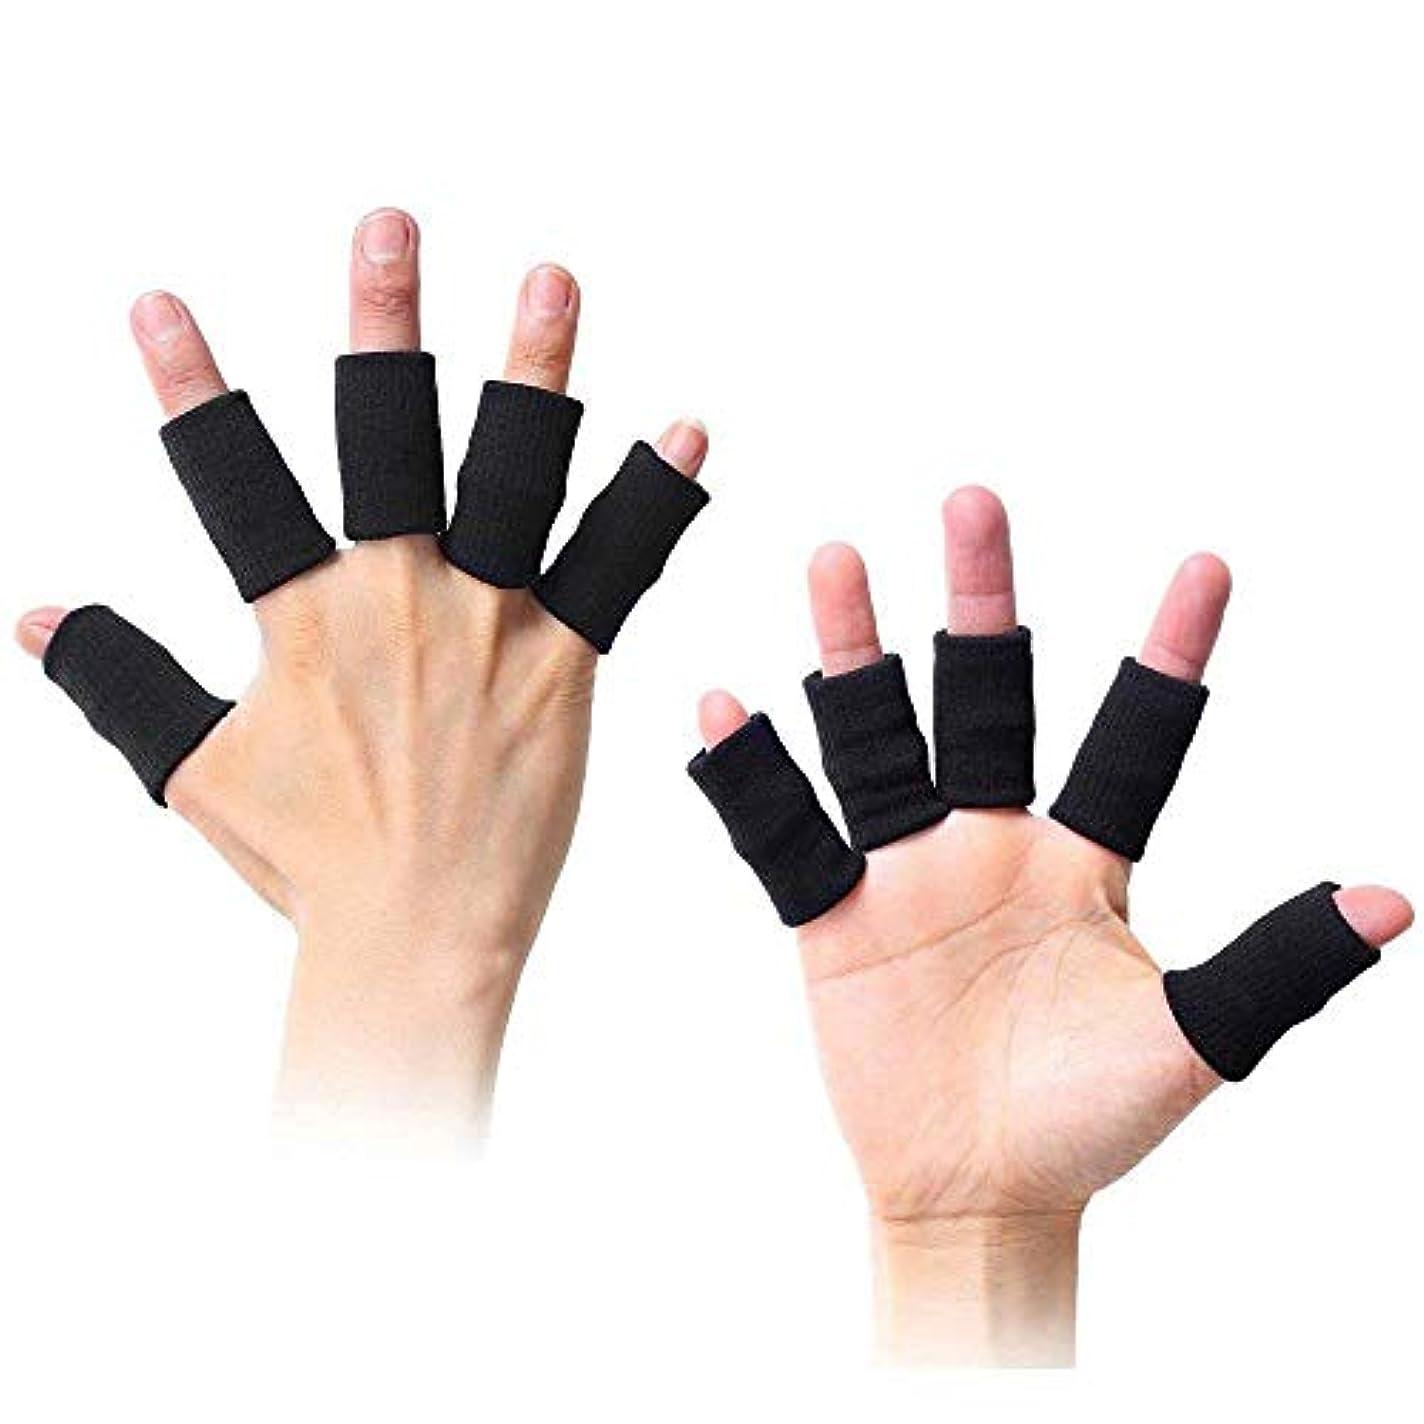 抗議マーガレットミッチェルアクロバット10ピース伸縮性指プロテクタースリーブ、スポーツ弾性関節炎トリガーブレース、ナックル圧縮プロテクター防止カラス